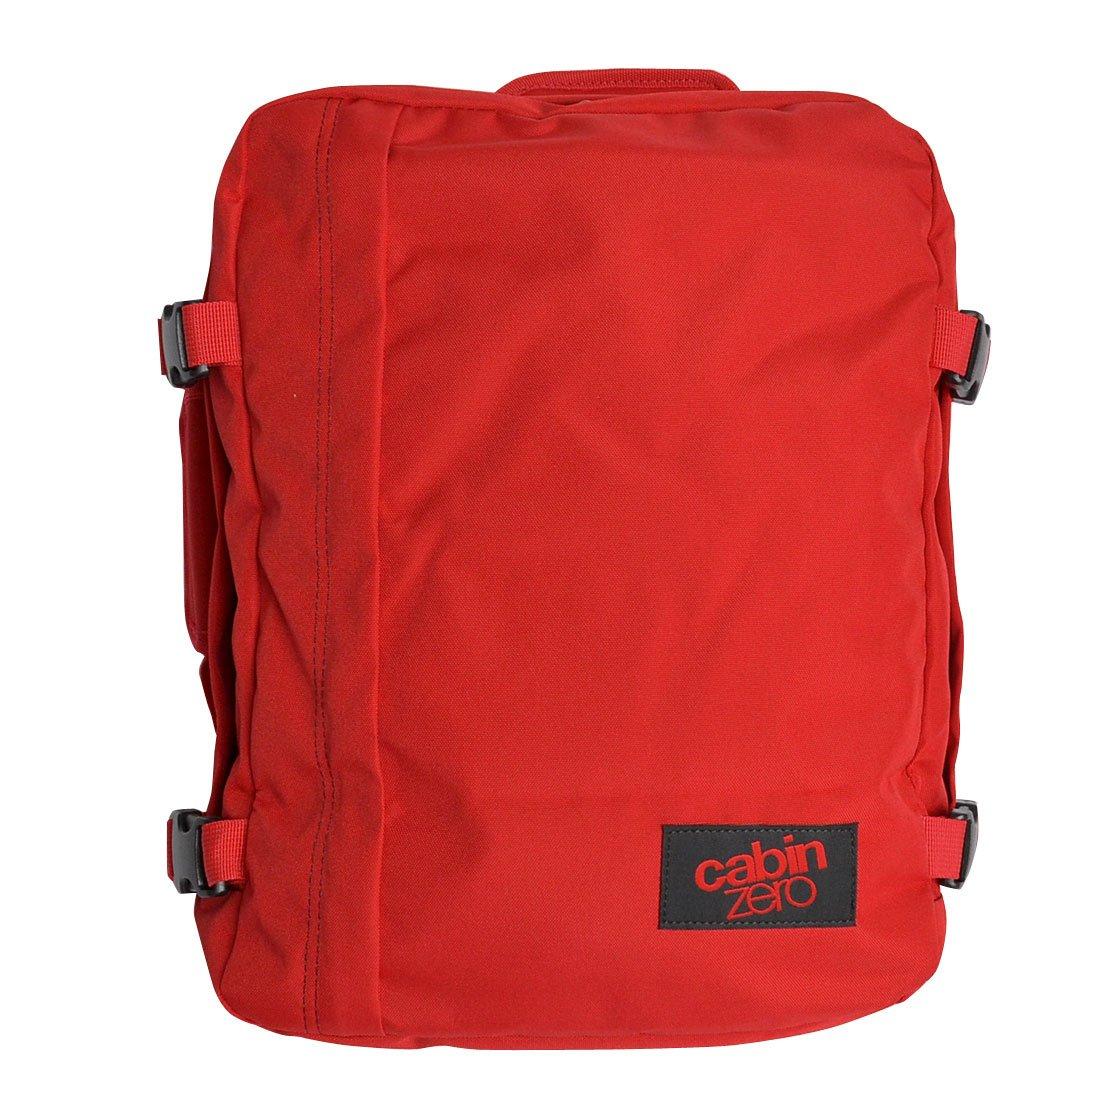 [キャビンゼロ] CZ08 CLASSIC 28L キャビンゼロ08 クラシック 28リッター CZ08 CLASSIC 28L B076GZ9V3Q 1702.NAGA RED 1702.NAGA RED